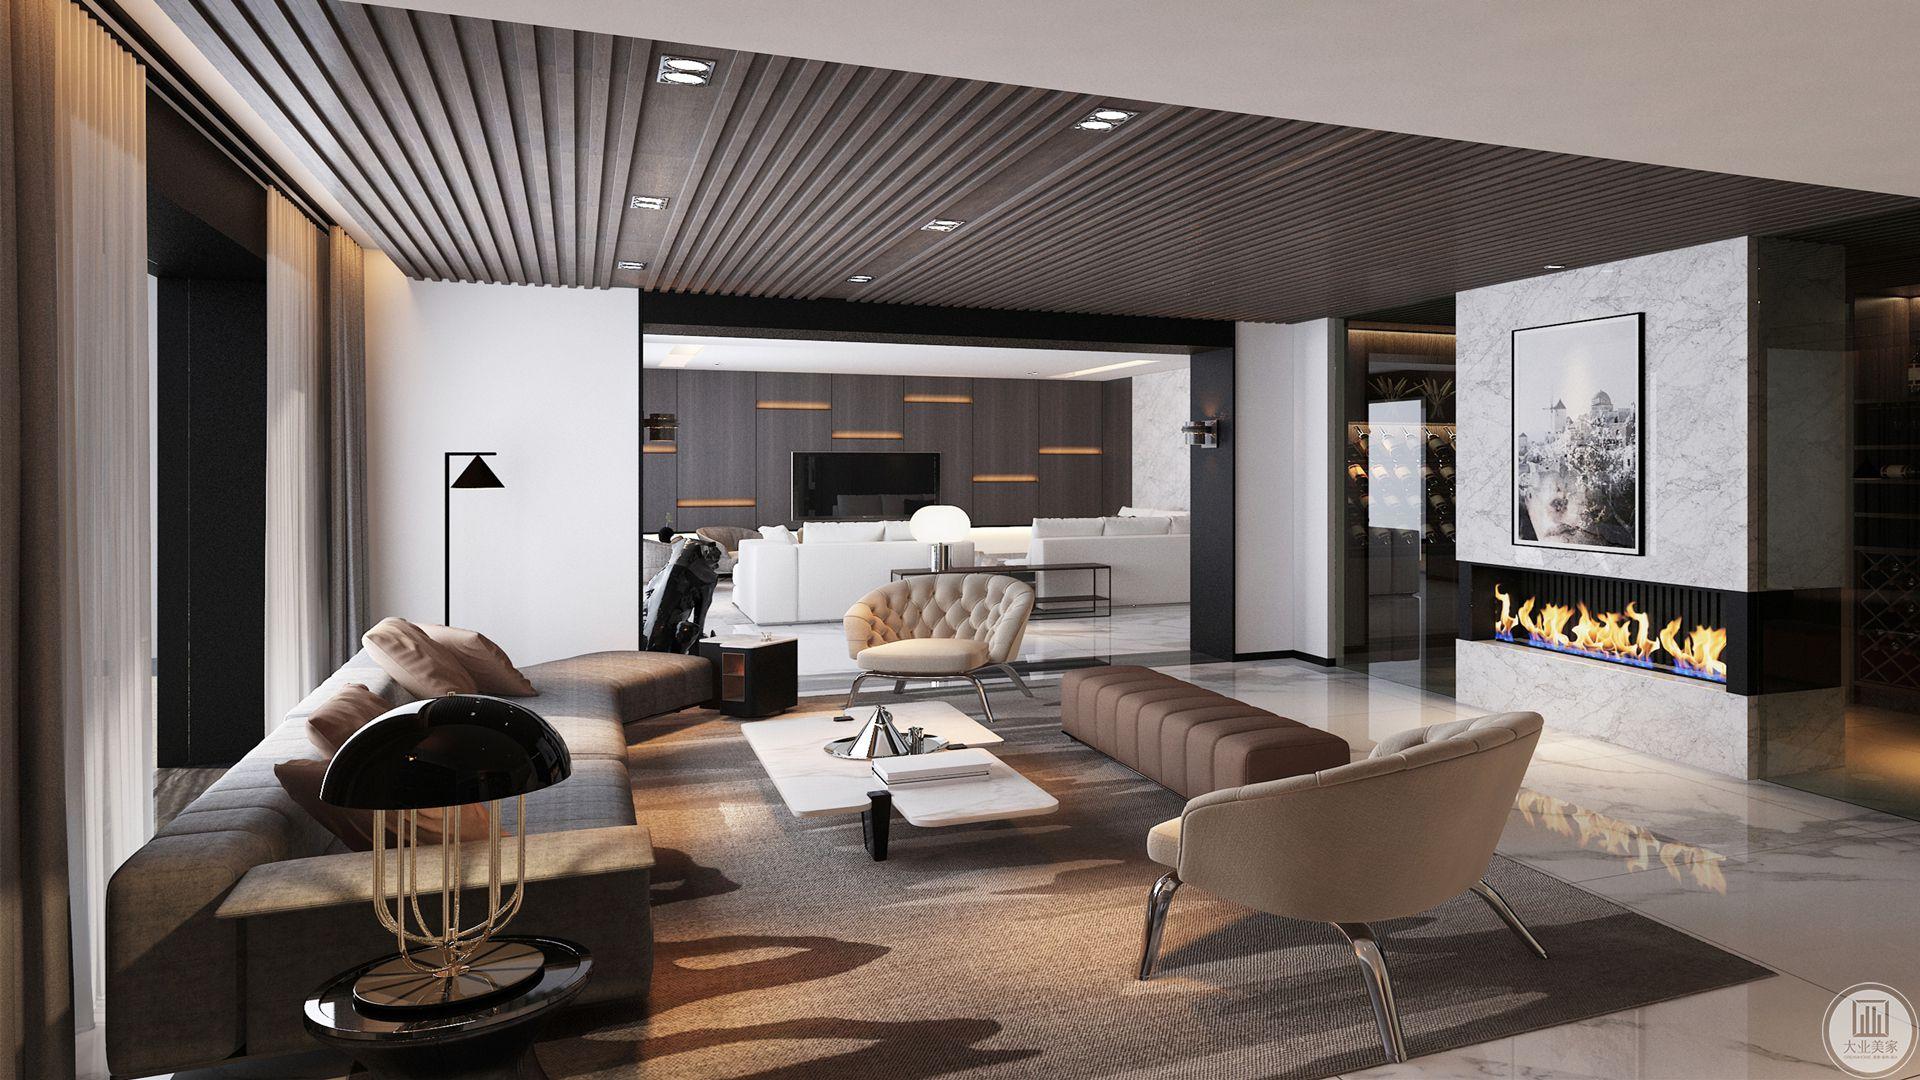 主客厅分为里外两部分,里面部分为影视区,用白色灯具点缀白色沙发,实木墙贴衬托得白色地砖高贵典雅,正面放置了电视剧,是比较放松的地方,是户主接待一些亲密一点的朋友的地方。